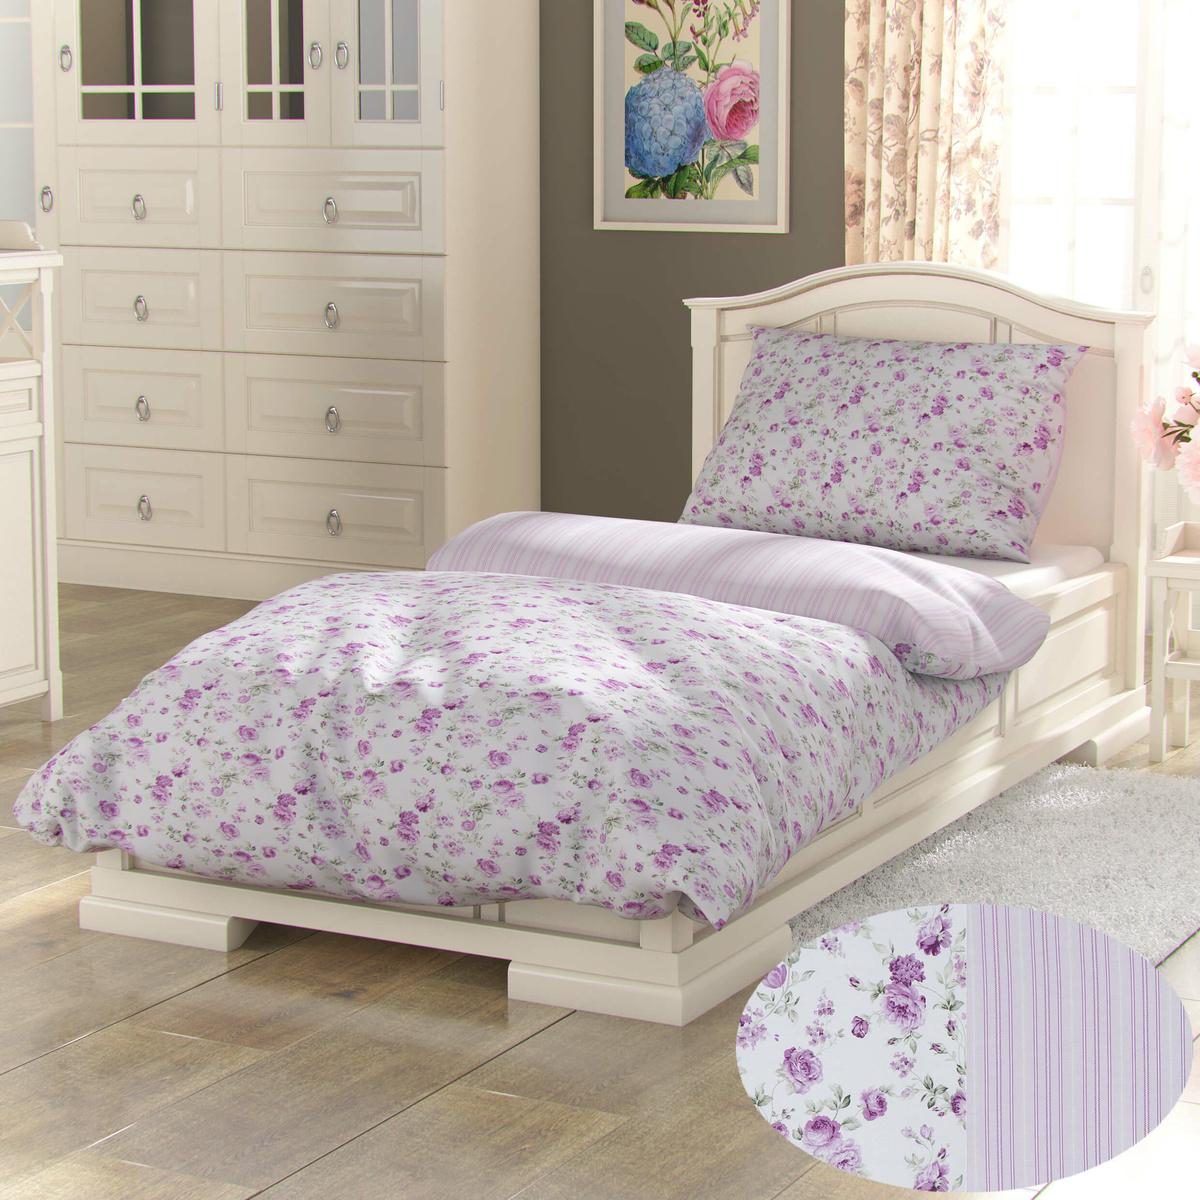 Kvalitex Bavlněné povlečení Provence Viento růžová, 140 x 200 cm, 70 x 90 cm